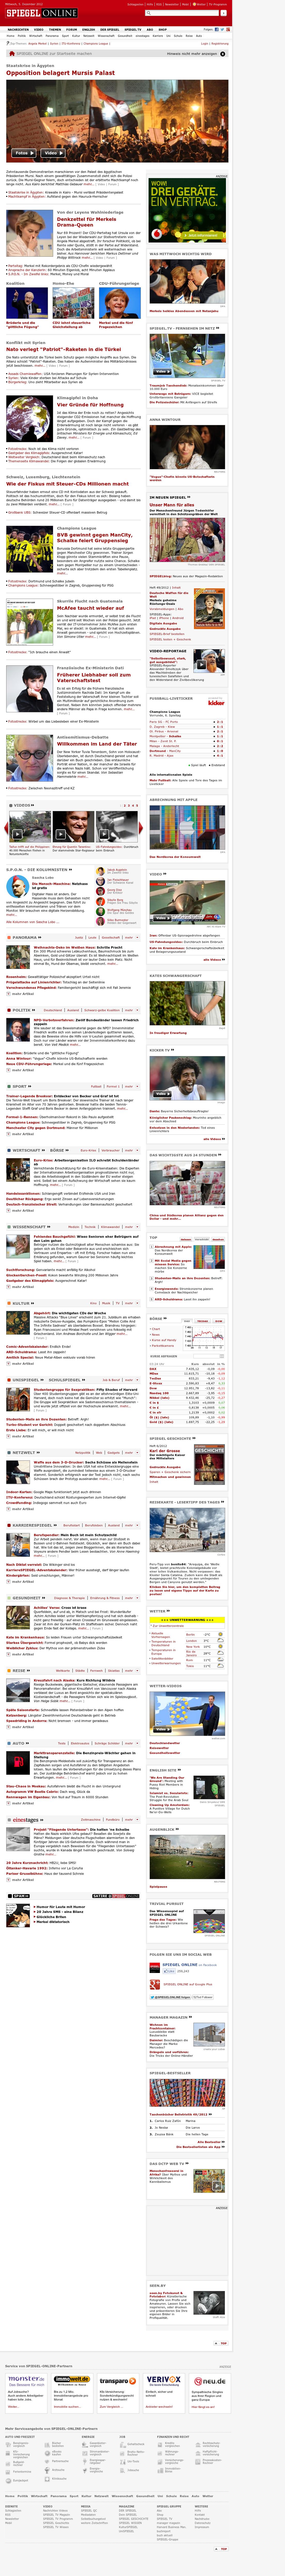 Spiegel Online at Wednesday Dec. 5, 2012, 2:32 a.m. UTC